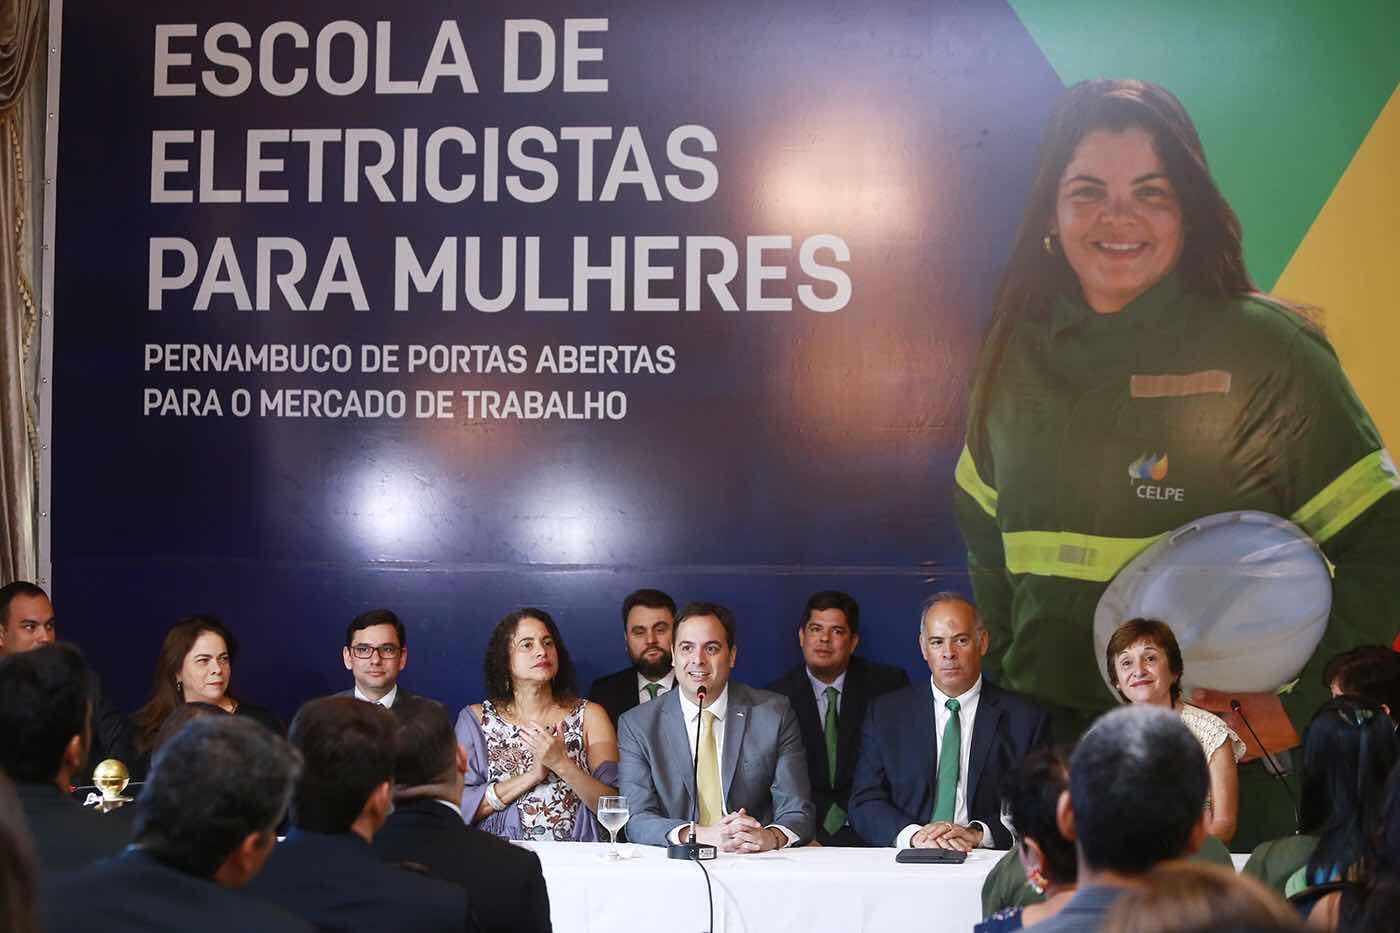 Paulo Câmara anuncia 100 vagas para mulheres em curso de eletricista